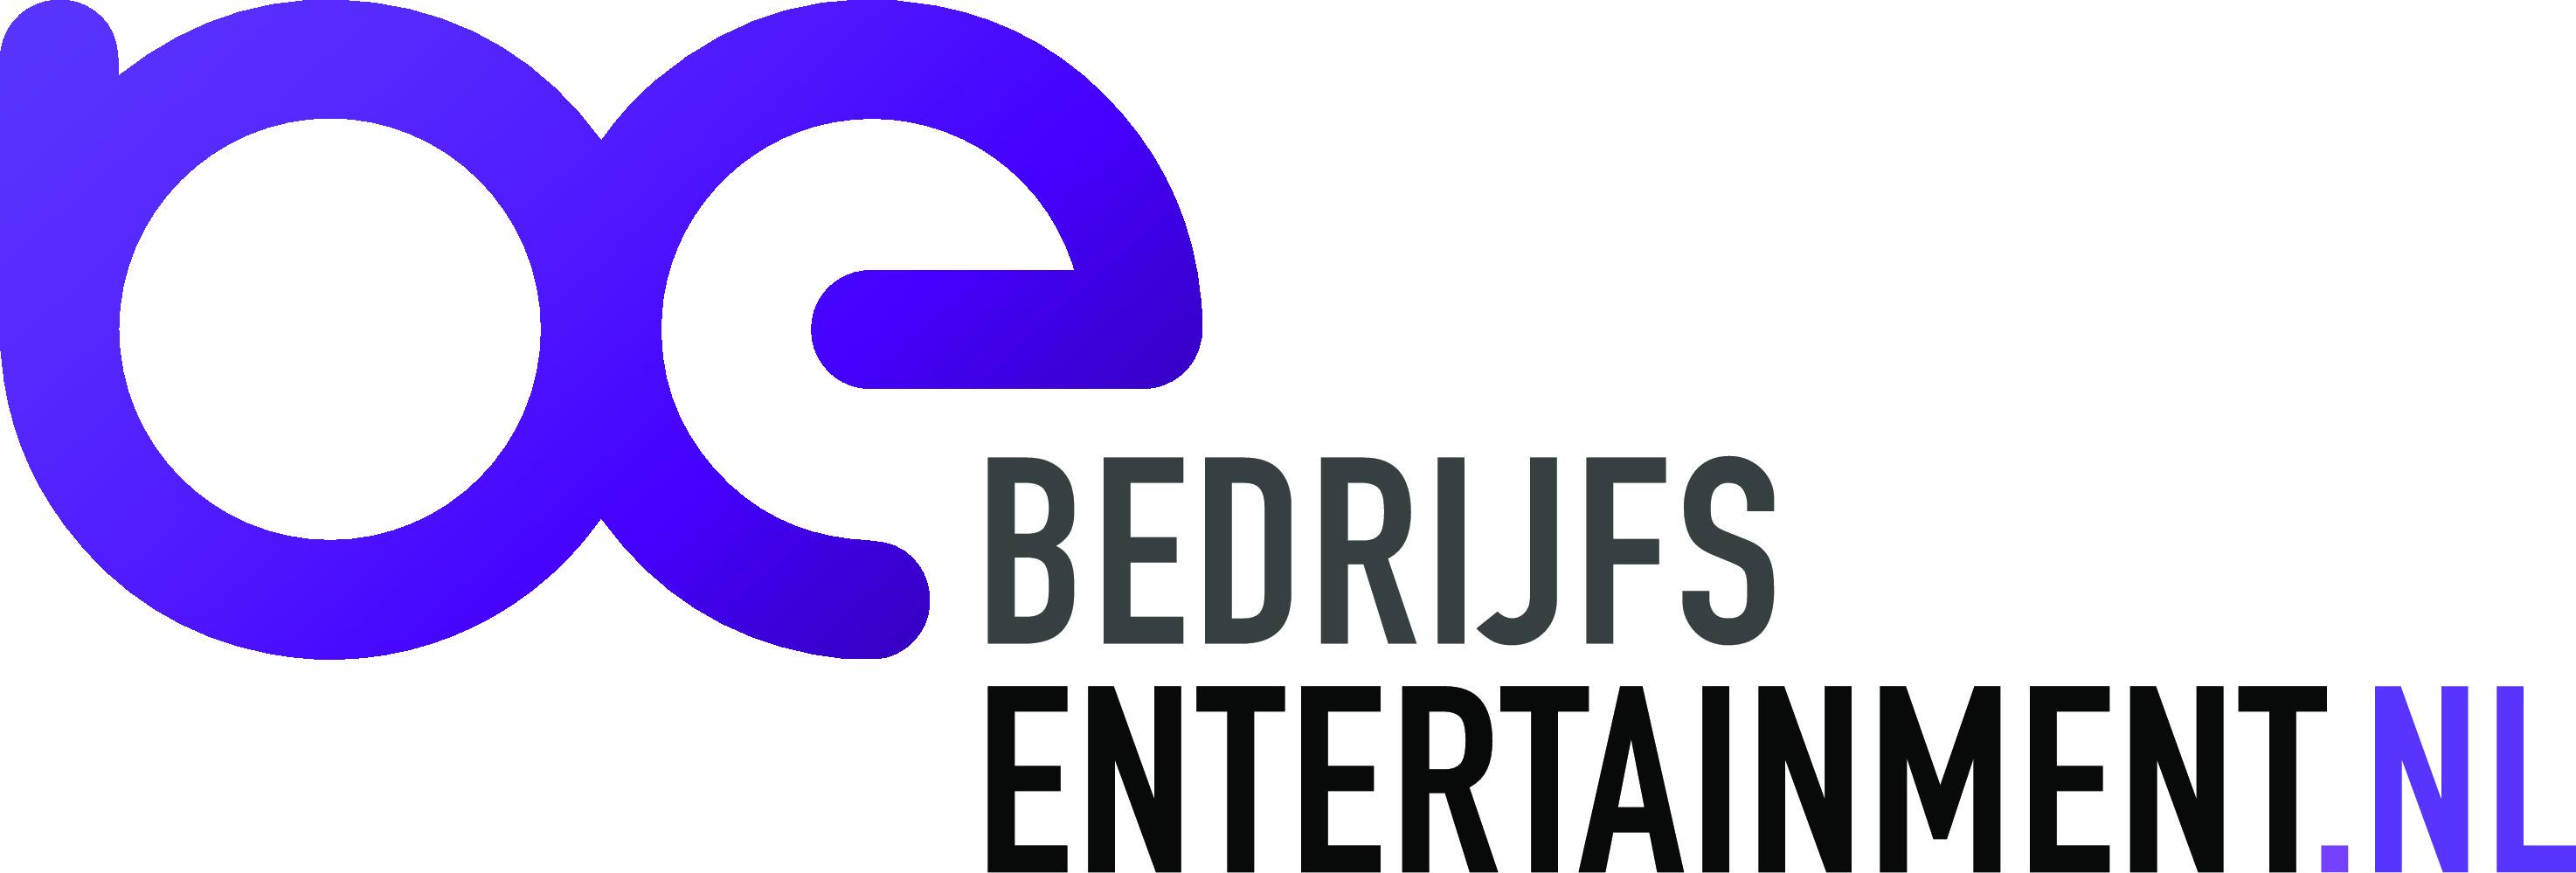 Bedrijfsentertainment.nl - Samen met jou bepaalt ons team van specialisten de kern van het event zodat de juiste match tussen de doelgroep, gelegenheid én het entertainment gemaakt kan worden.